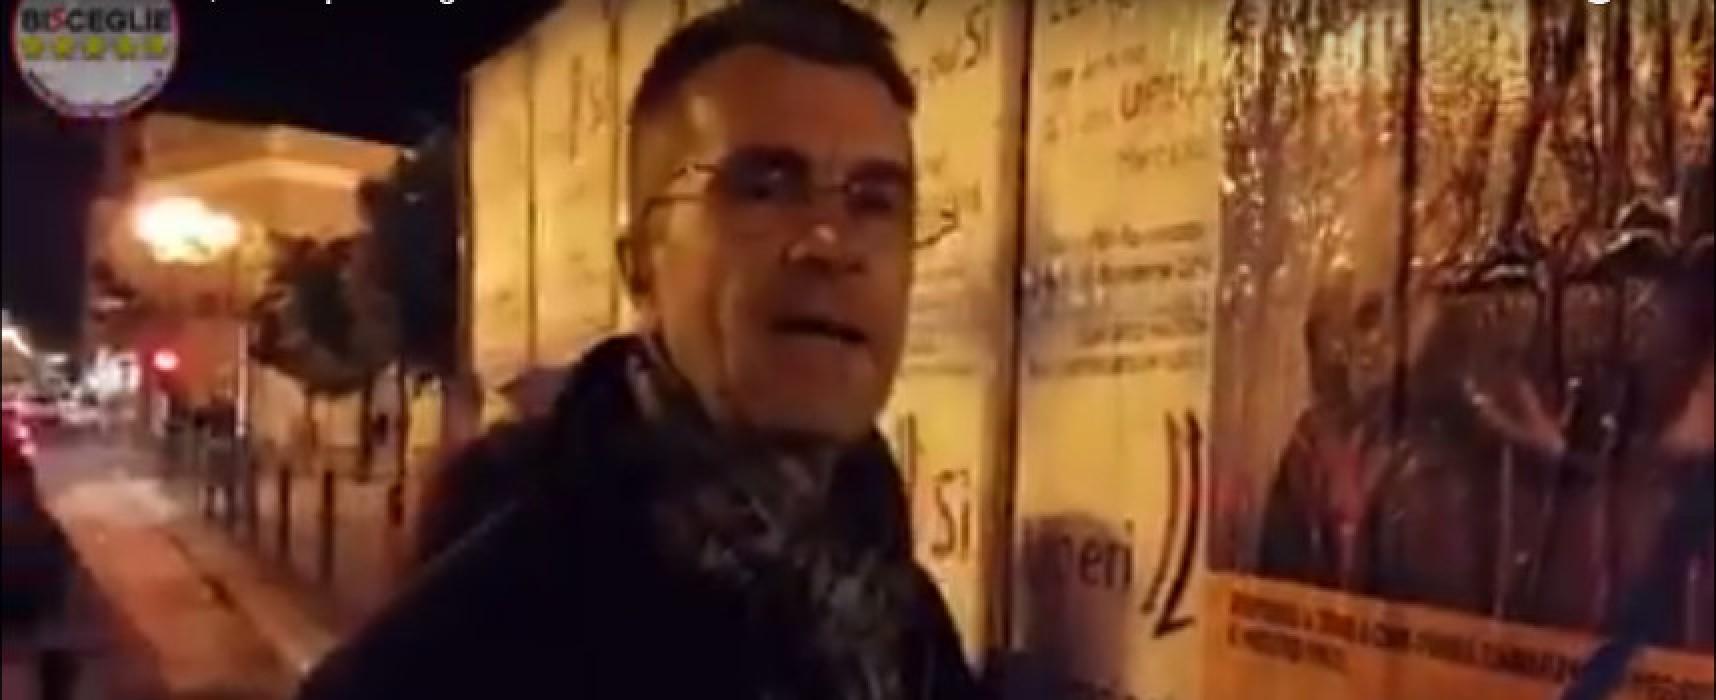 Referendum, meetup Bisceglie 5 Stelle denuncia con un video le affissioni abusive